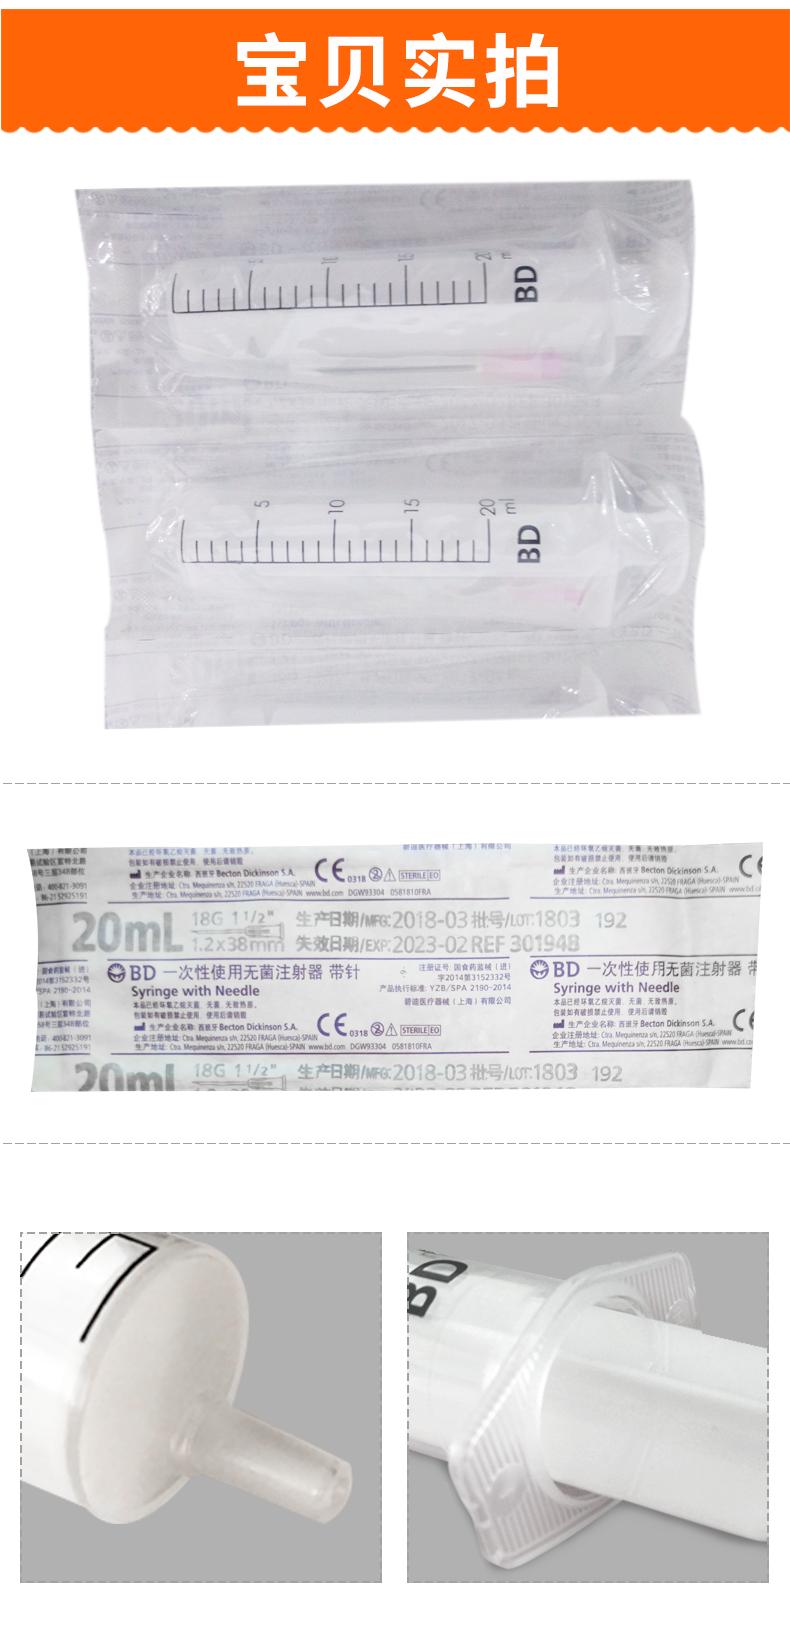 碧迪(BD)一次性使用无菌注射器20ml(带针)